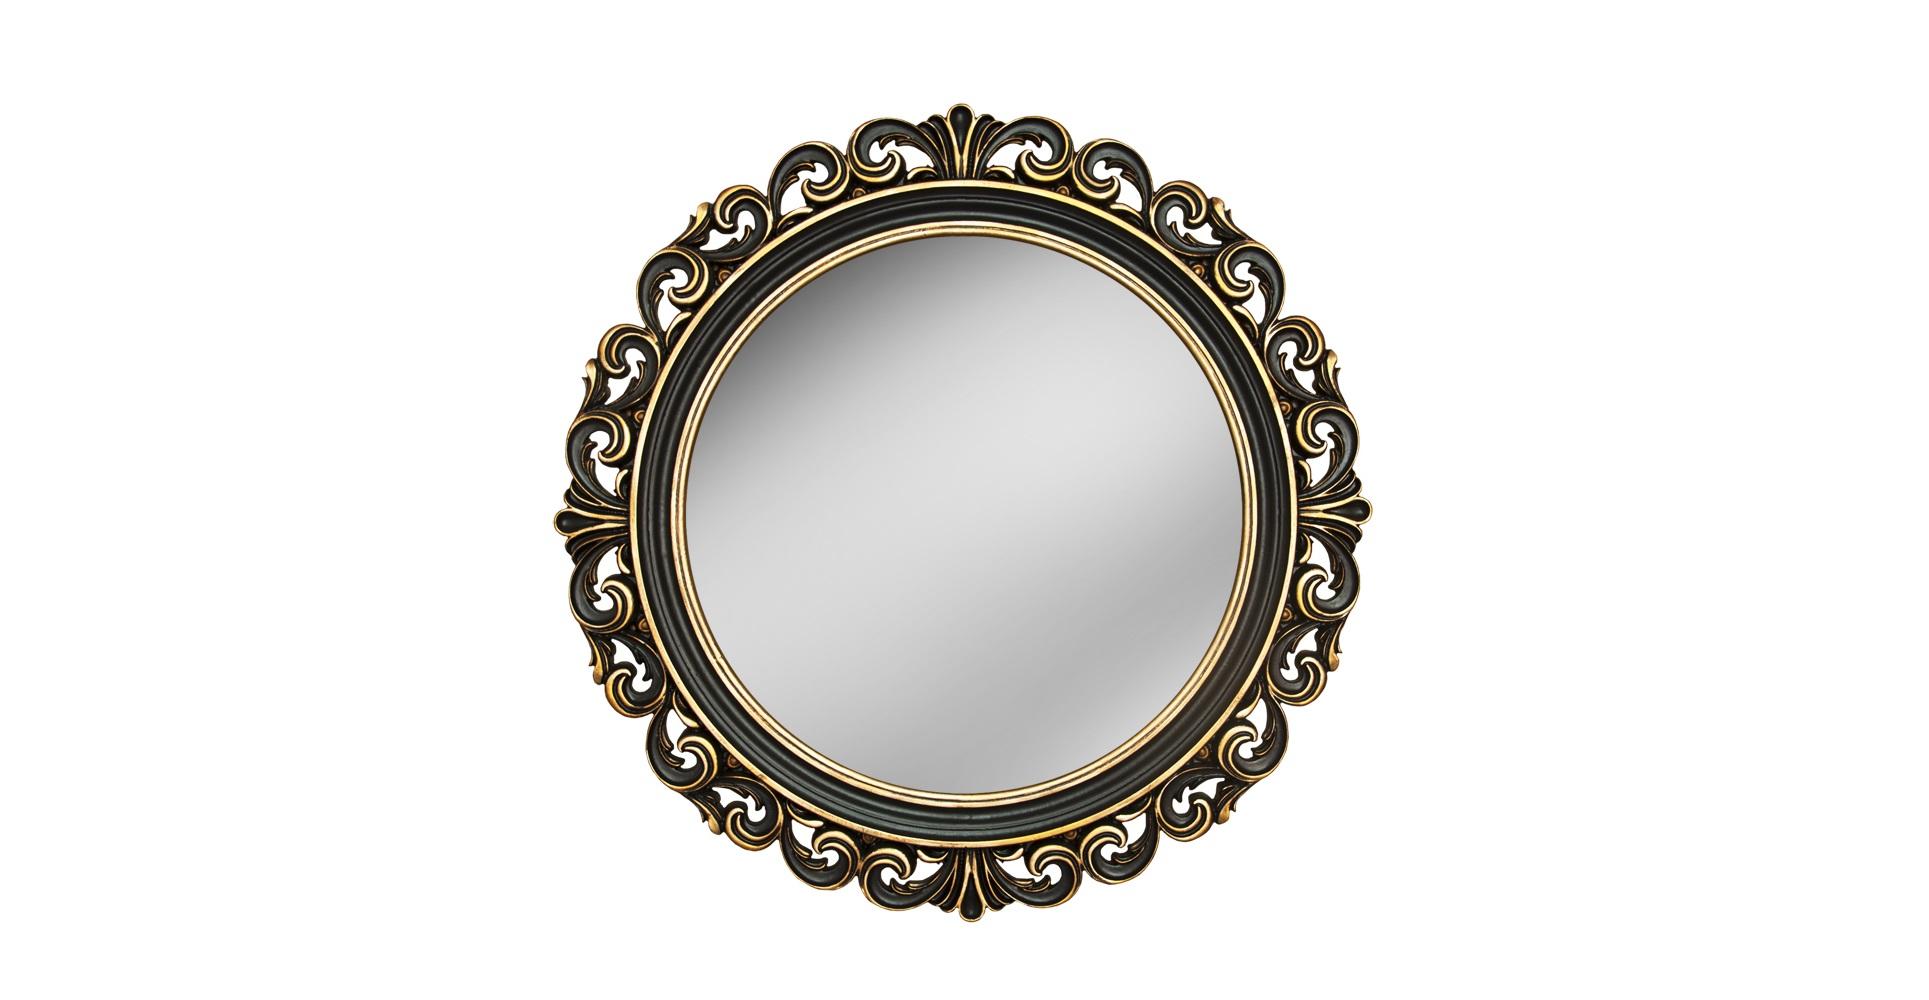 Зеркало РИКИОЛИНастенные зеркала<br>&amp;lt;div&amp;gt;&amp;lt;div&amp;gt;Это винтажное зеркало округлой формы напоминает солнечный диск или античный цветок. Эффектная резная рама изготовлена вручную из мебельного пенополиуретана. Позолота нанесена на темный фон небольшими вкраплениями, словно распылена. Композитный материал очень твердый, устойчивый к воде и пару, а краска безопасна для человека и не выгорает со временем.&amp;lt;/div&amp;gt;&amp;lt;/div&amp;gt;&amp;lt;div&amp;gt;&amp;lt;br&amp;gt;&amp;lt;/div&amp;gt;&amp;lt;div&amp;gt;Исполнение:&amp;amp;nbsp;Венге Золото&amp;lt;/div&amp;gt;<br><br>Material: Полиуретан<br>Length см: None<br>Width см: None<br>Depth см: 4<br>Height см: None<br>Diameter см: 90